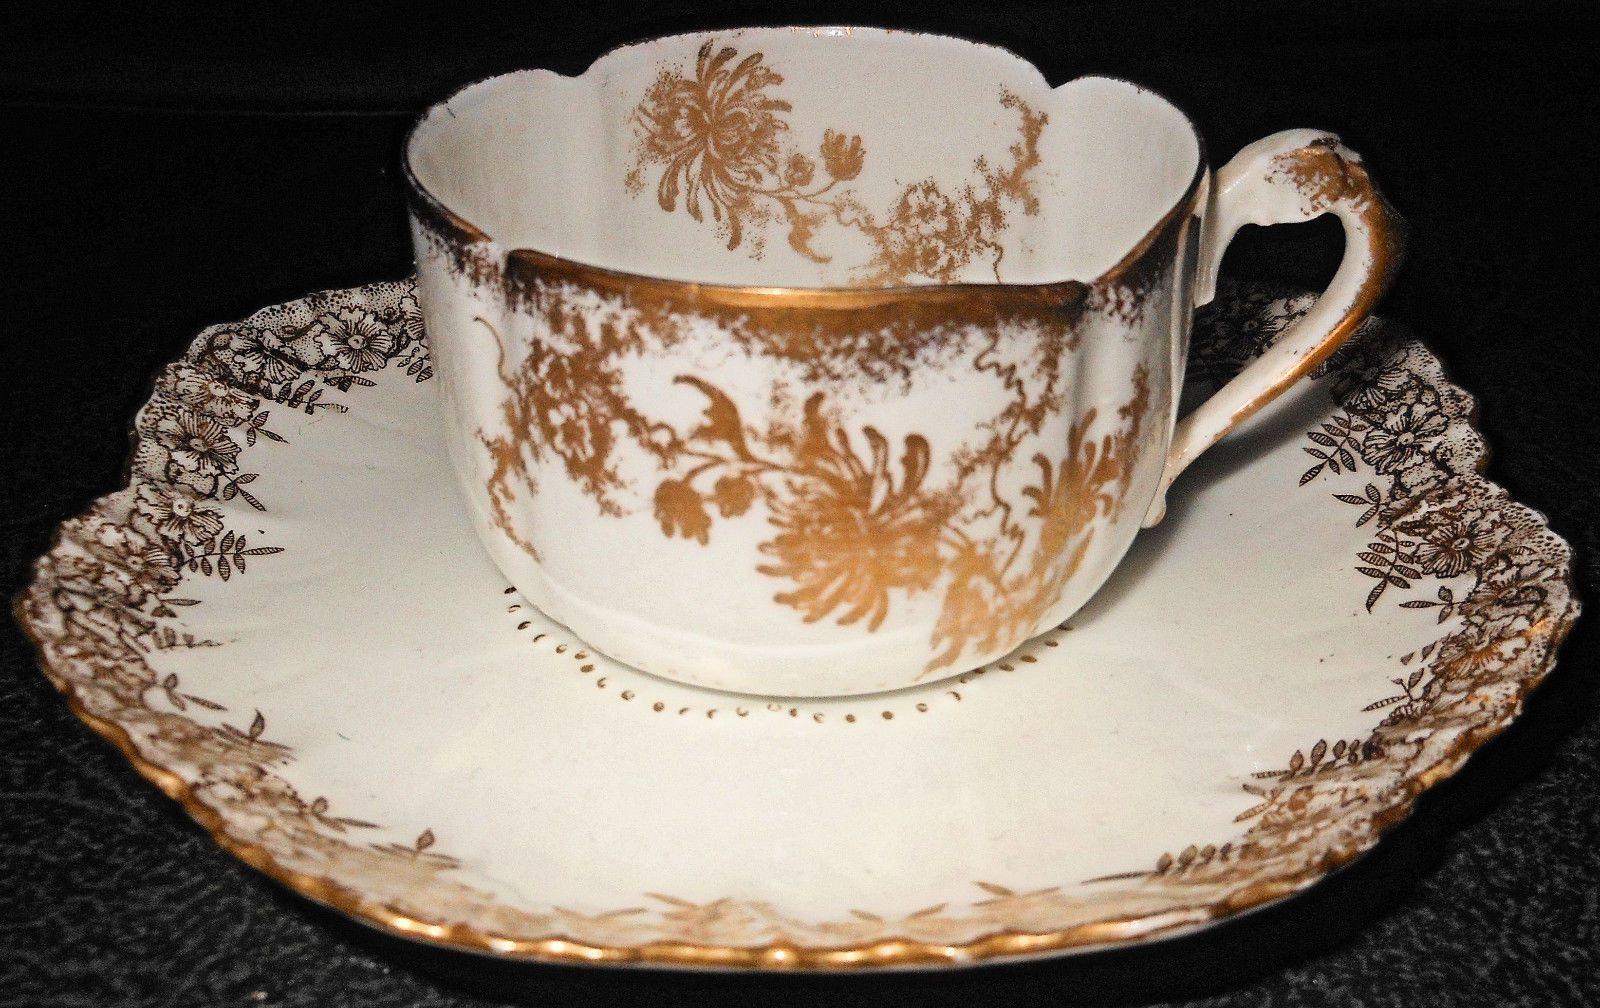 Küchenschränke für teller c french lanternier limoge delicate demi cup saucer gorgeous